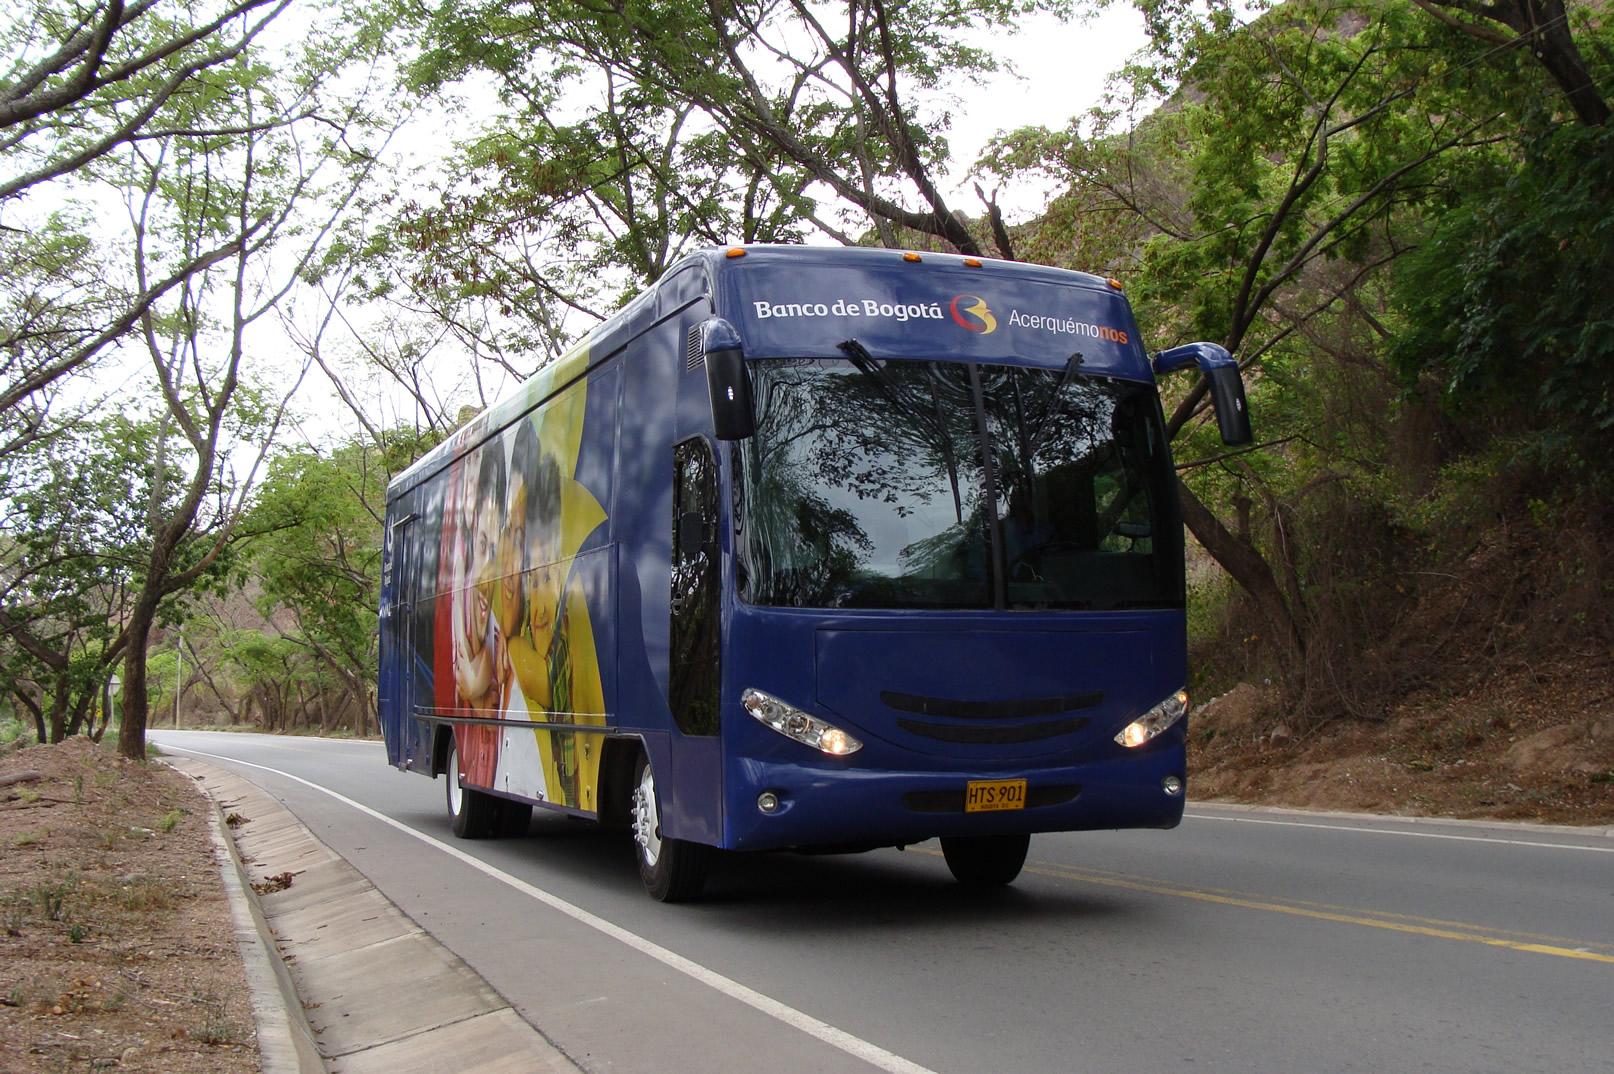 Un viaje por el progreso del pa s del banco de bogot for Banco de bogota